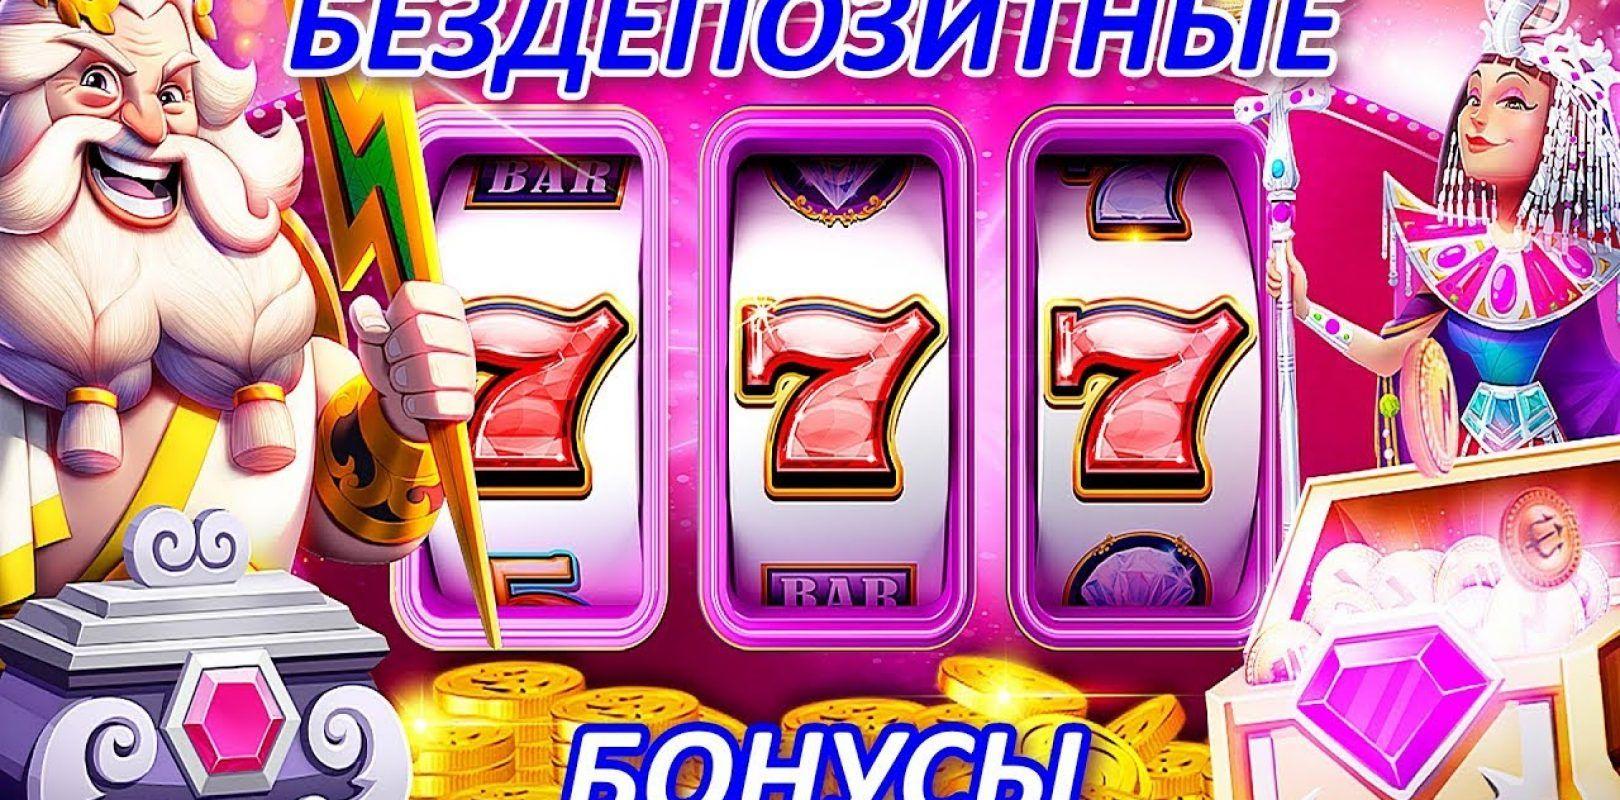 Новые🔥 бездепозитные приветственные 🤑бонусы онлайн казино за регистрацию, подборка эксклюзивных предложений: Фриспины🆓, бездепы, за первый депозит + Кешбеки года! Набережные Челны